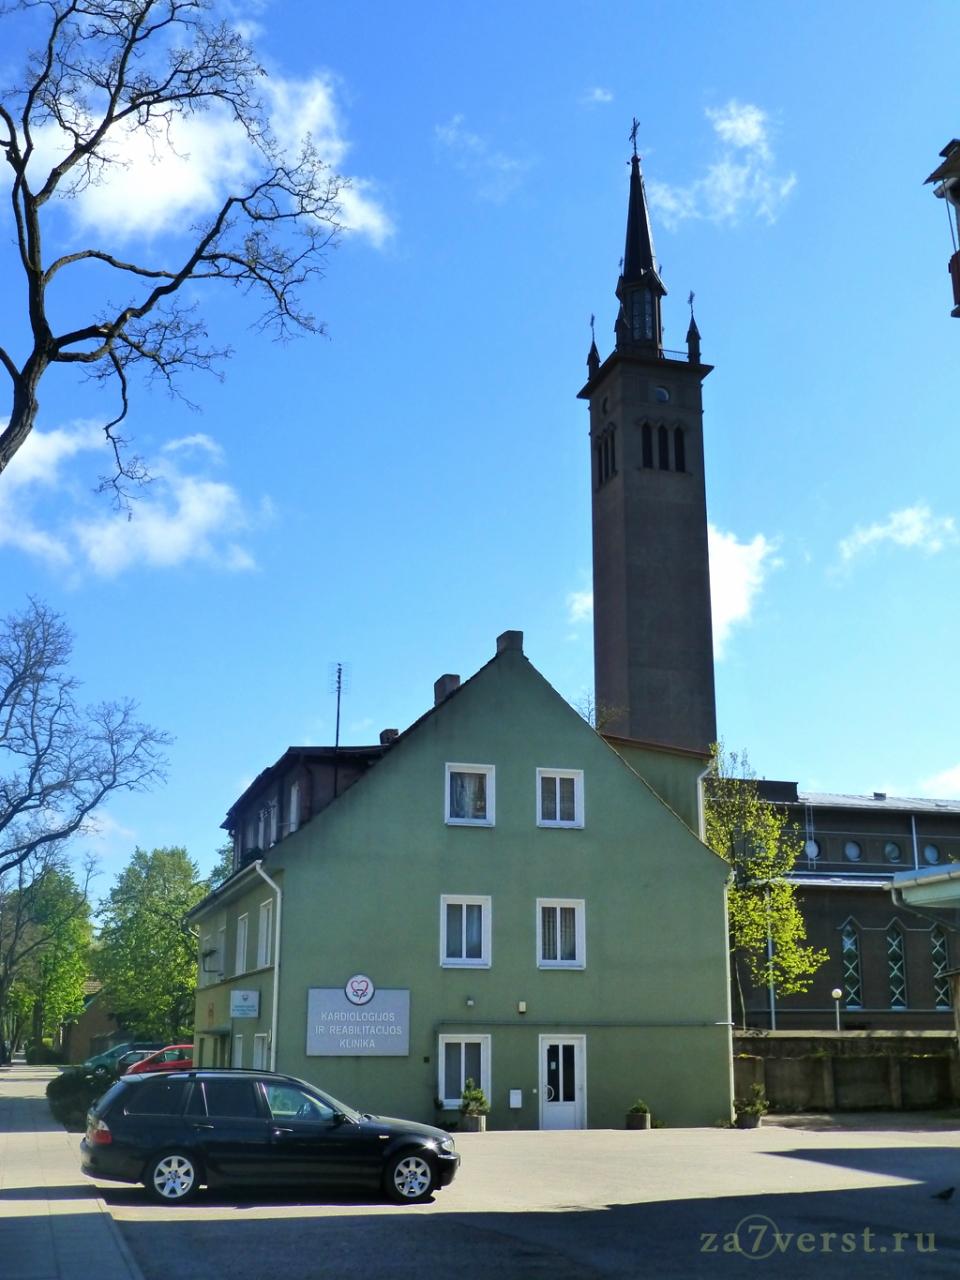 Костел Пресвятой Девы Марии, Королевы Мира в Клайпеде